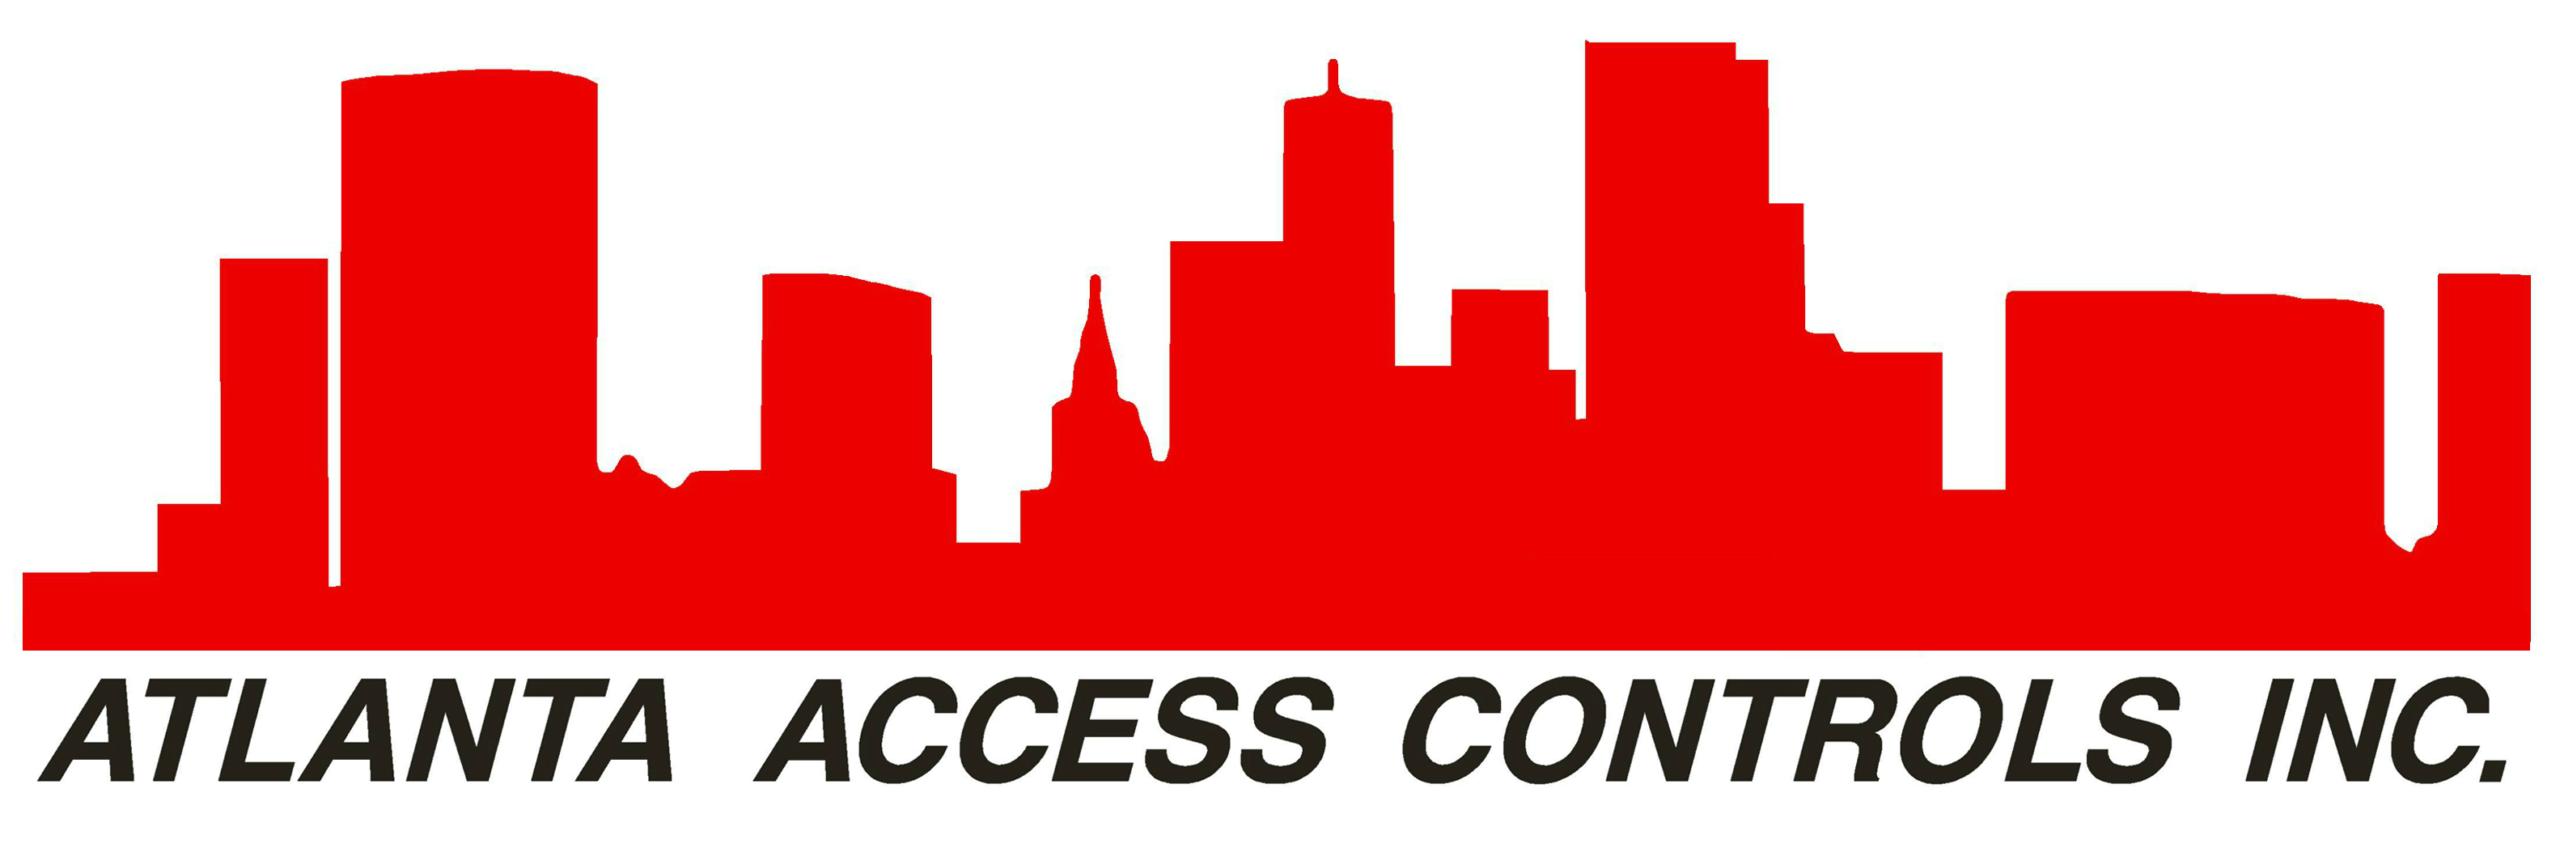 Atlanta Access Control Inc.